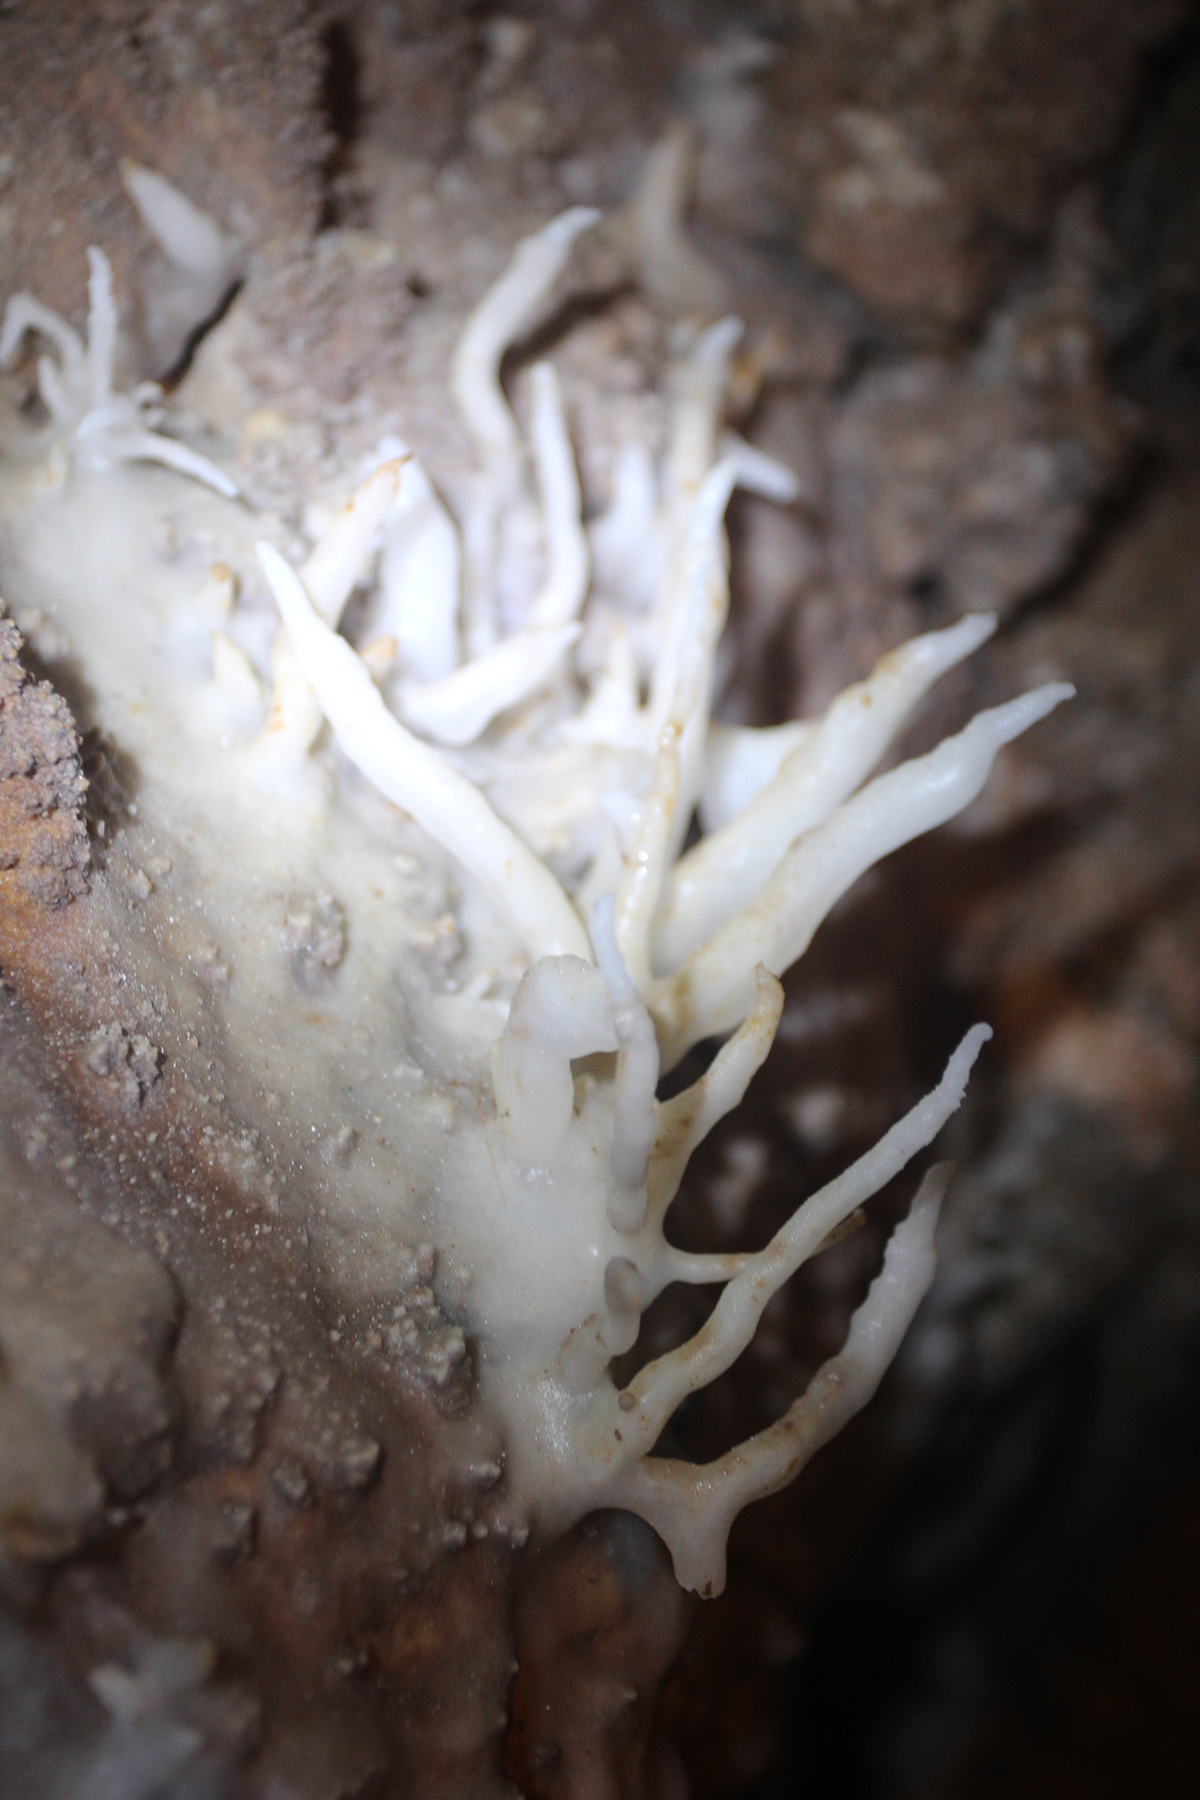 Une rareté géologique : cette petite sculpture en forme de branches de corail est une excentrique qui « pousse » verticalement, au gré d'imperceptibles courants d'air.